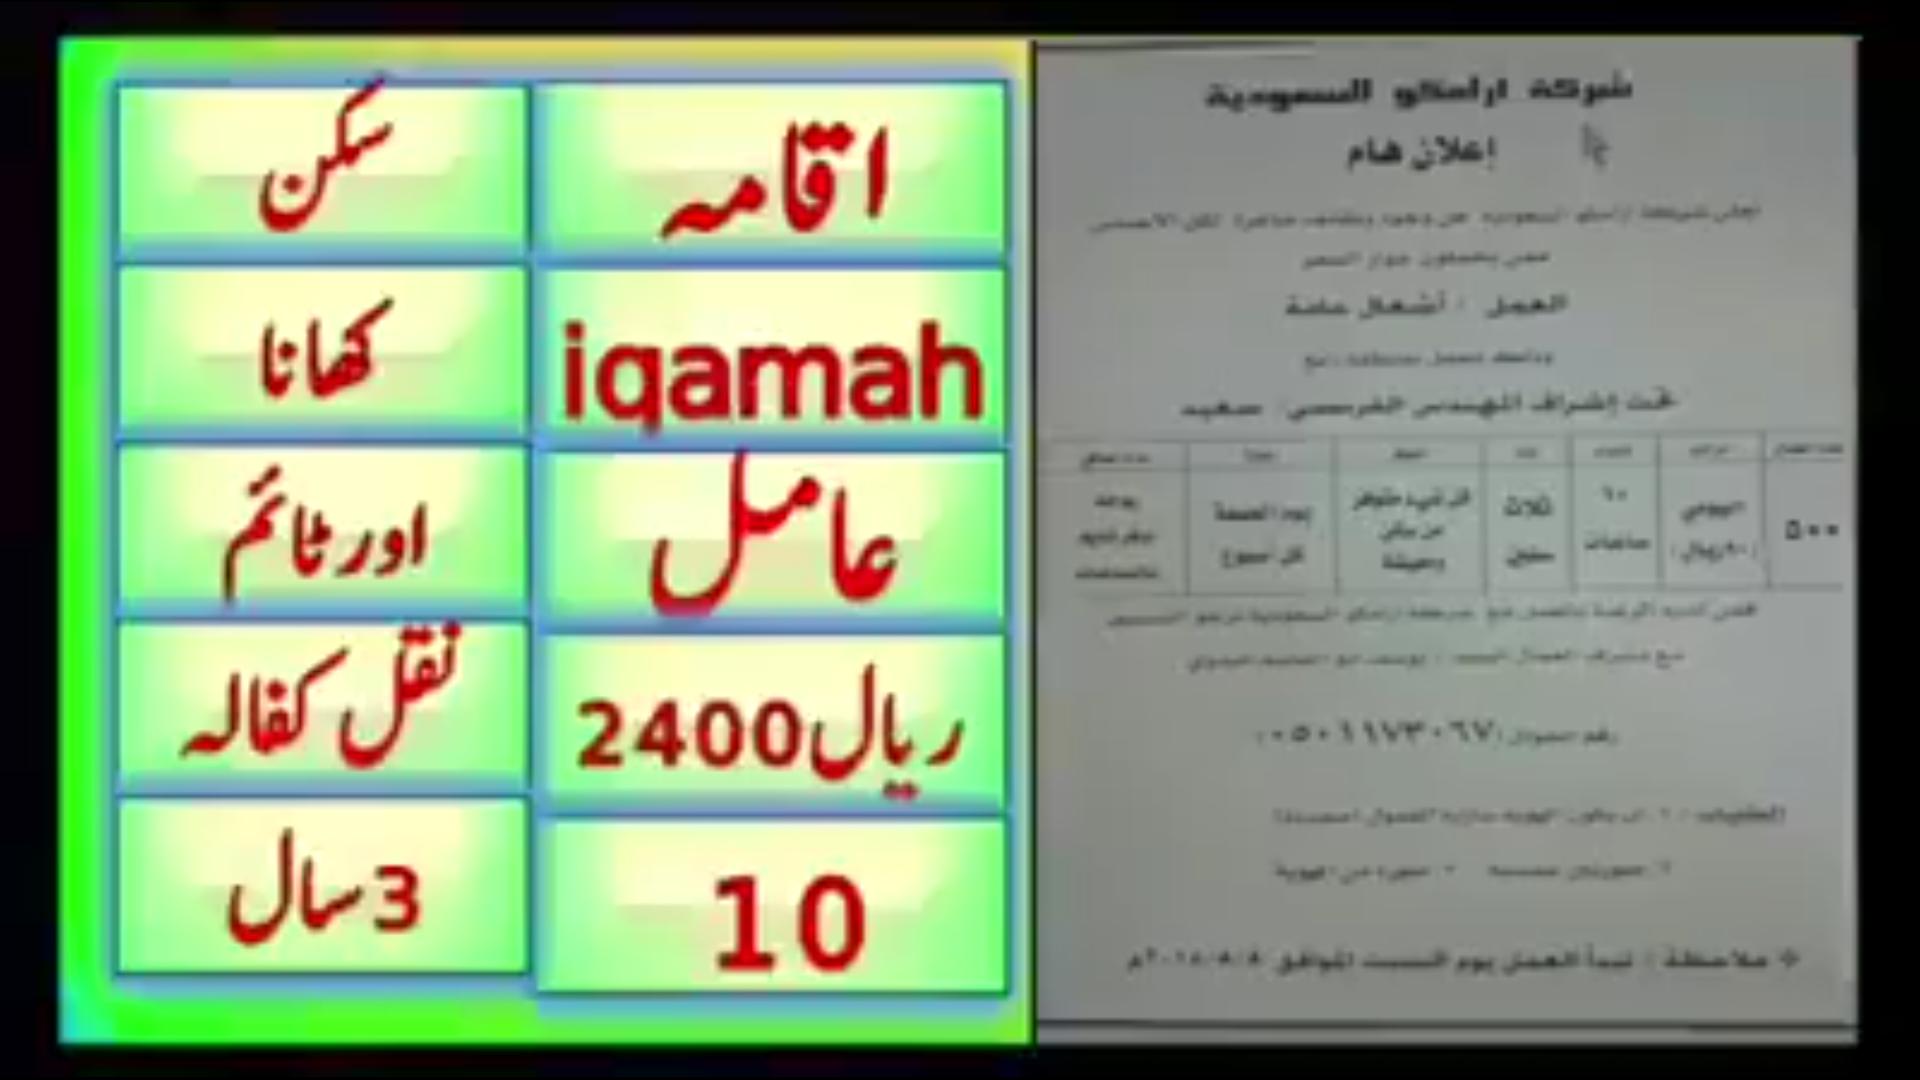 سعودی_عرب میں جو حضرات بےروزگار ہوں تو اس ویڈیو کو دیک کر اس سے فائدہ اٹھائیں۔  اور۔ اگے ضرور۔ شیئر۔ کریں۔۔۔